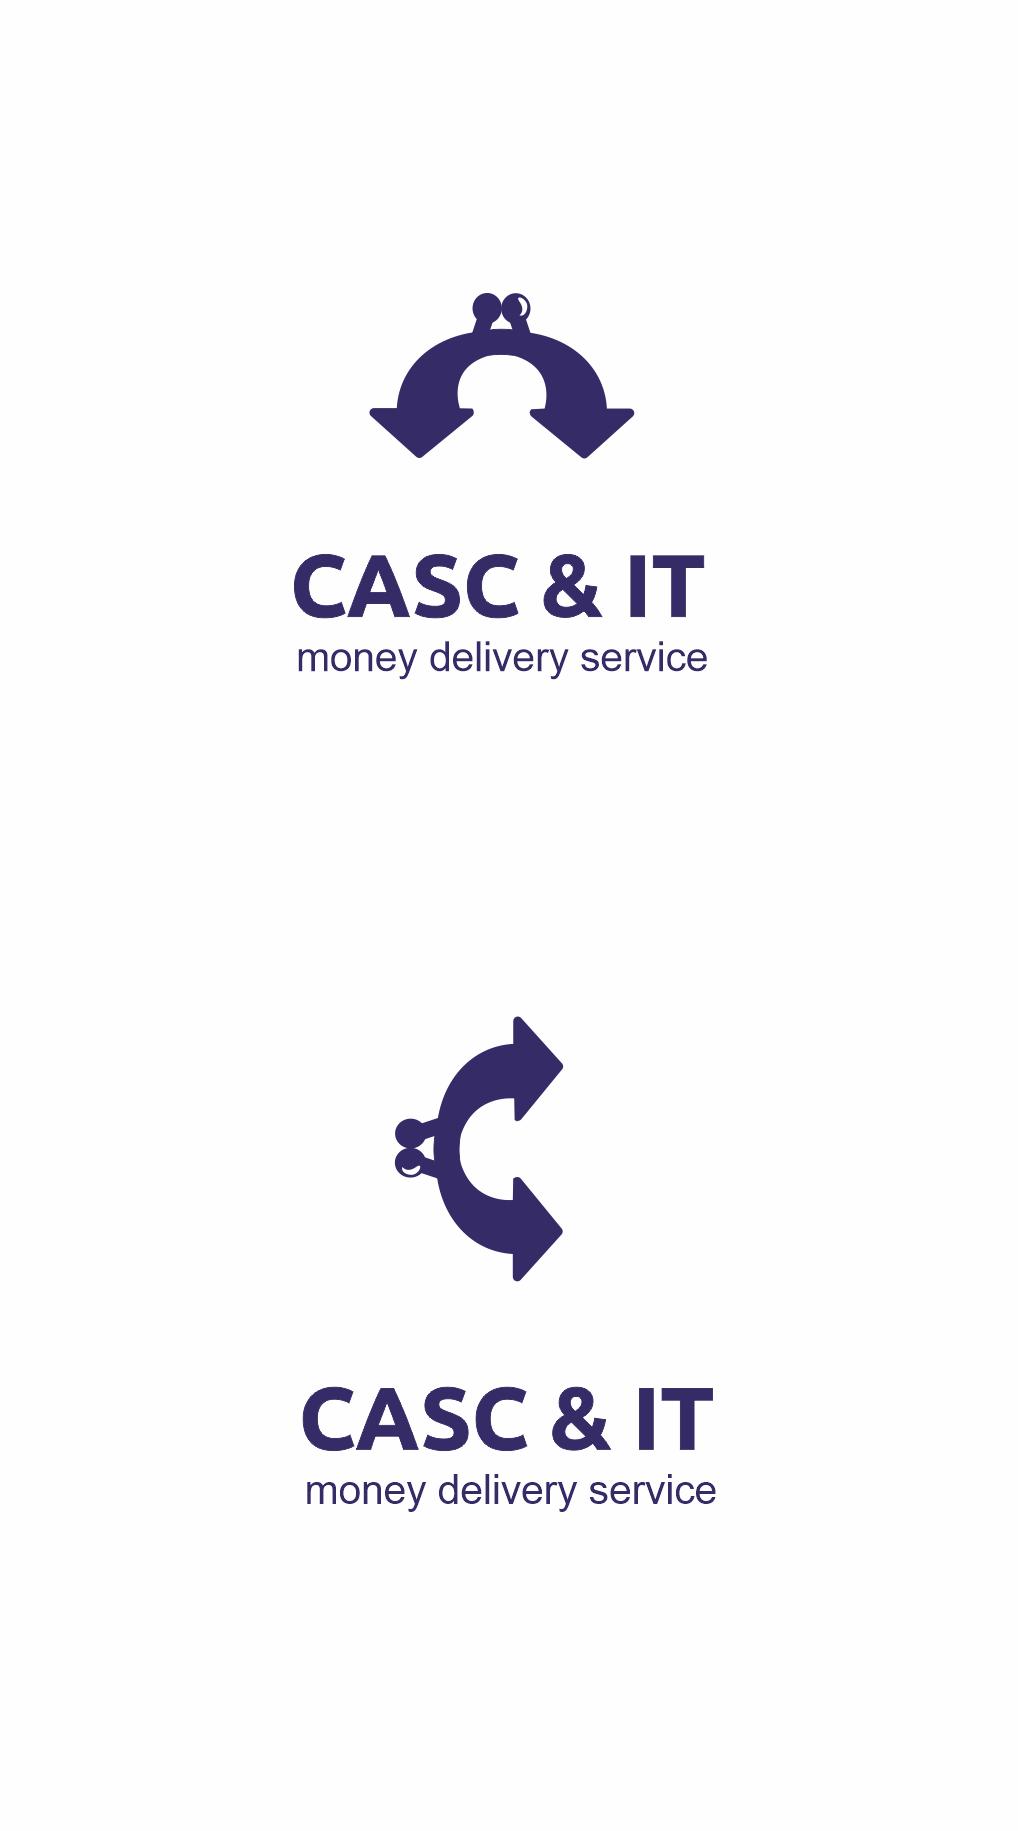 Логотип для Cash & IT - сервис доставки денег фото f_2545fd9bede9bf45.png